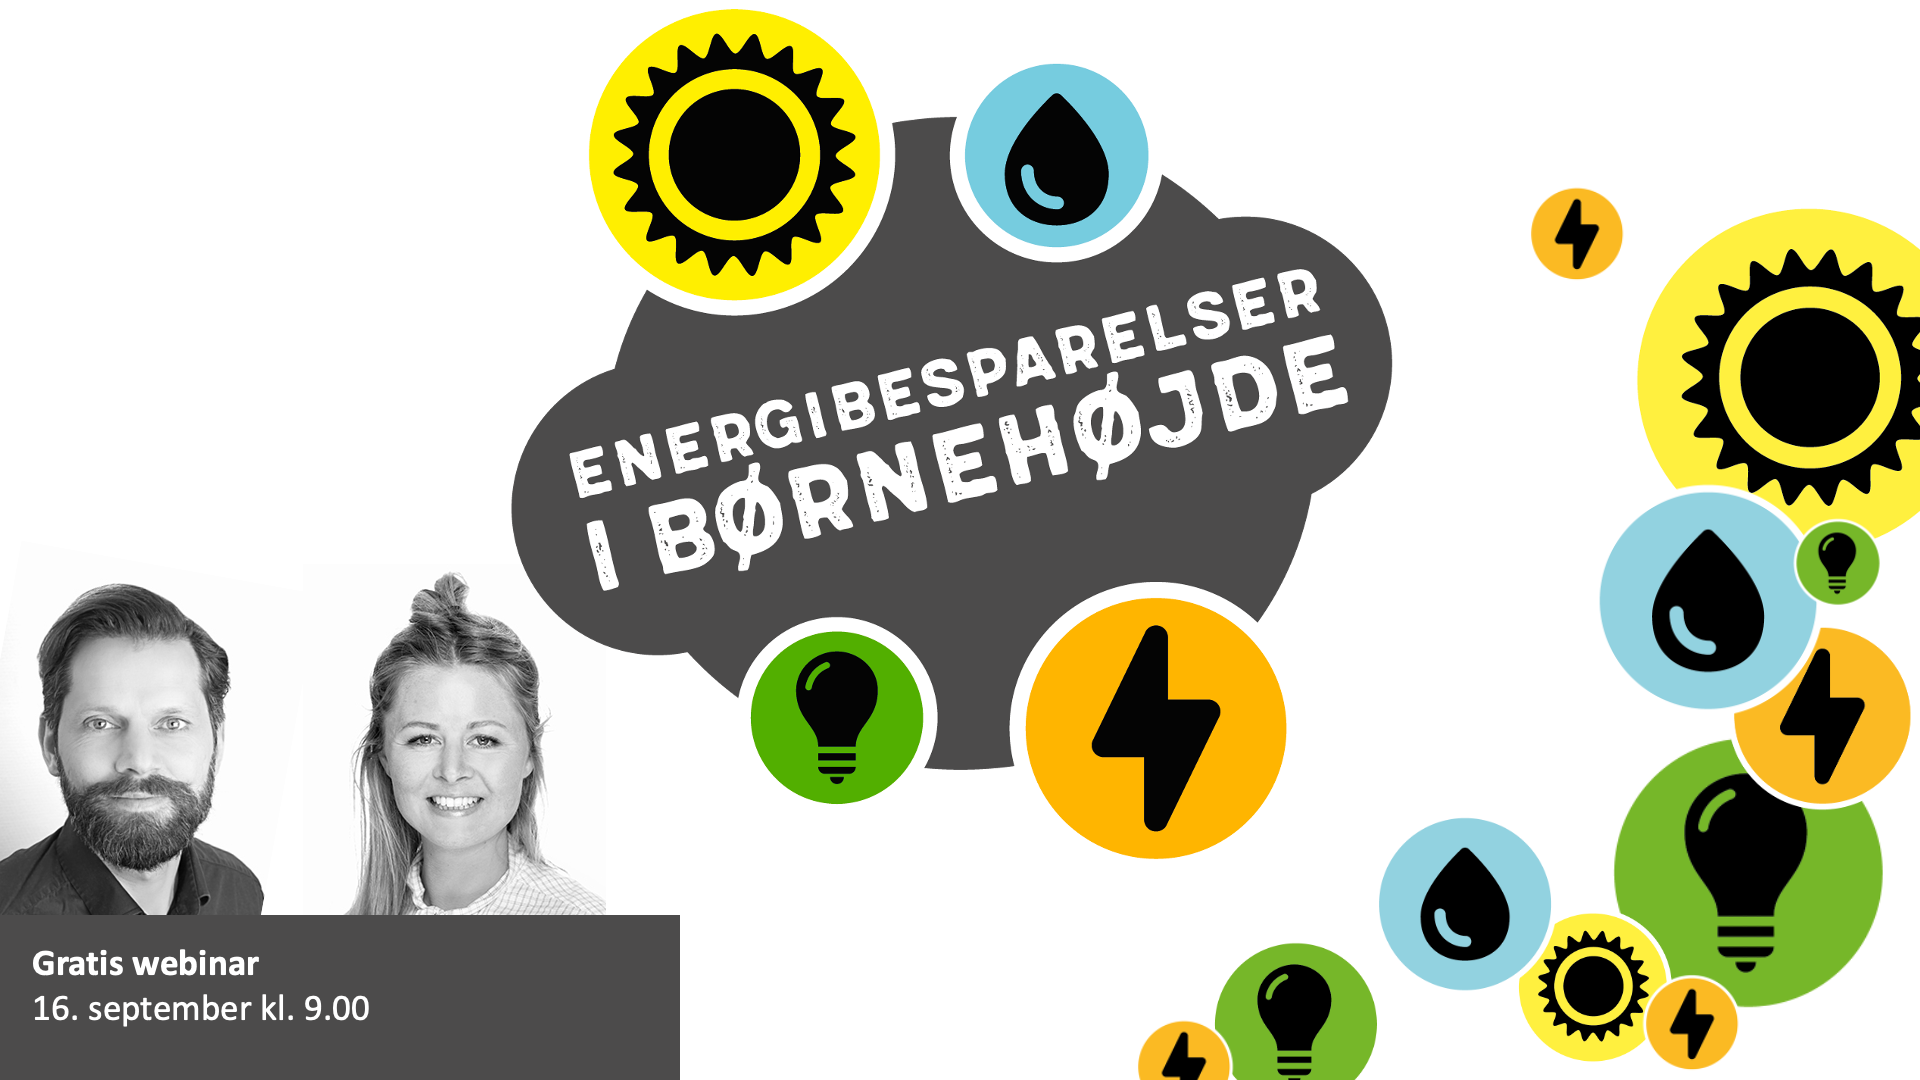 Energibesparelser i børnehøjde webinar